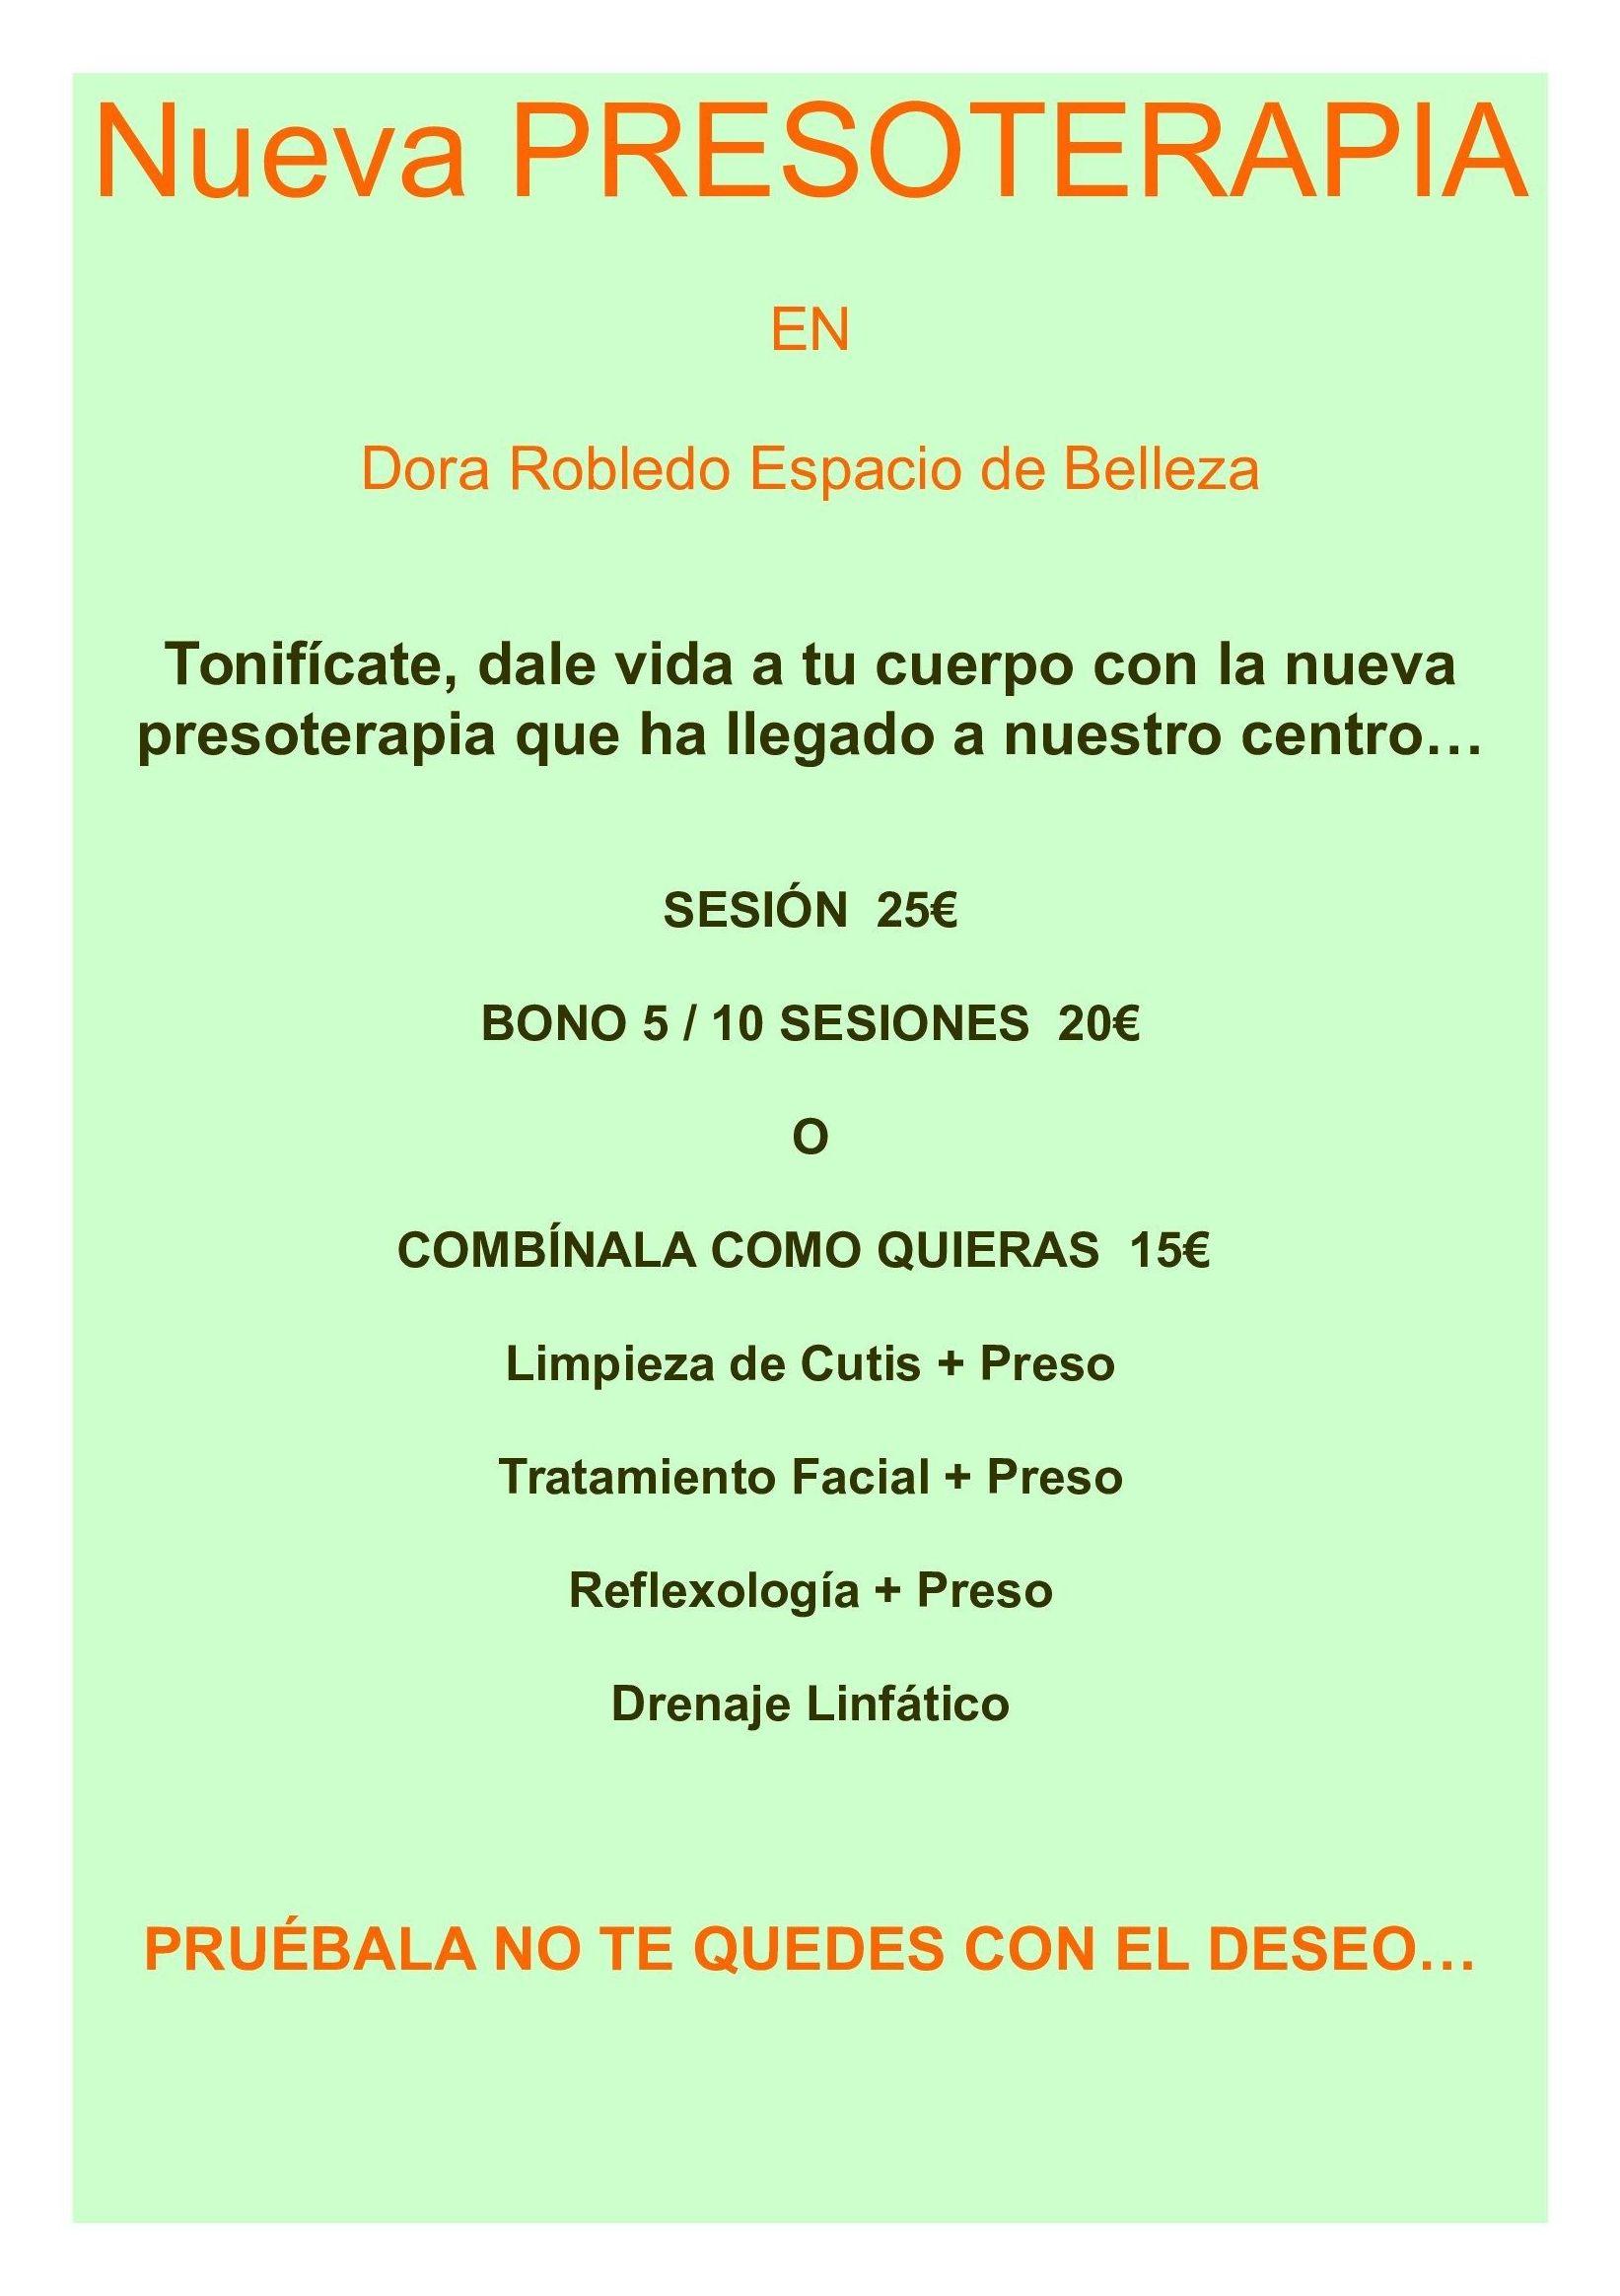 Foto 4 de Centros de estética en Málaga | Dora Robledo - Espacio de Belleza